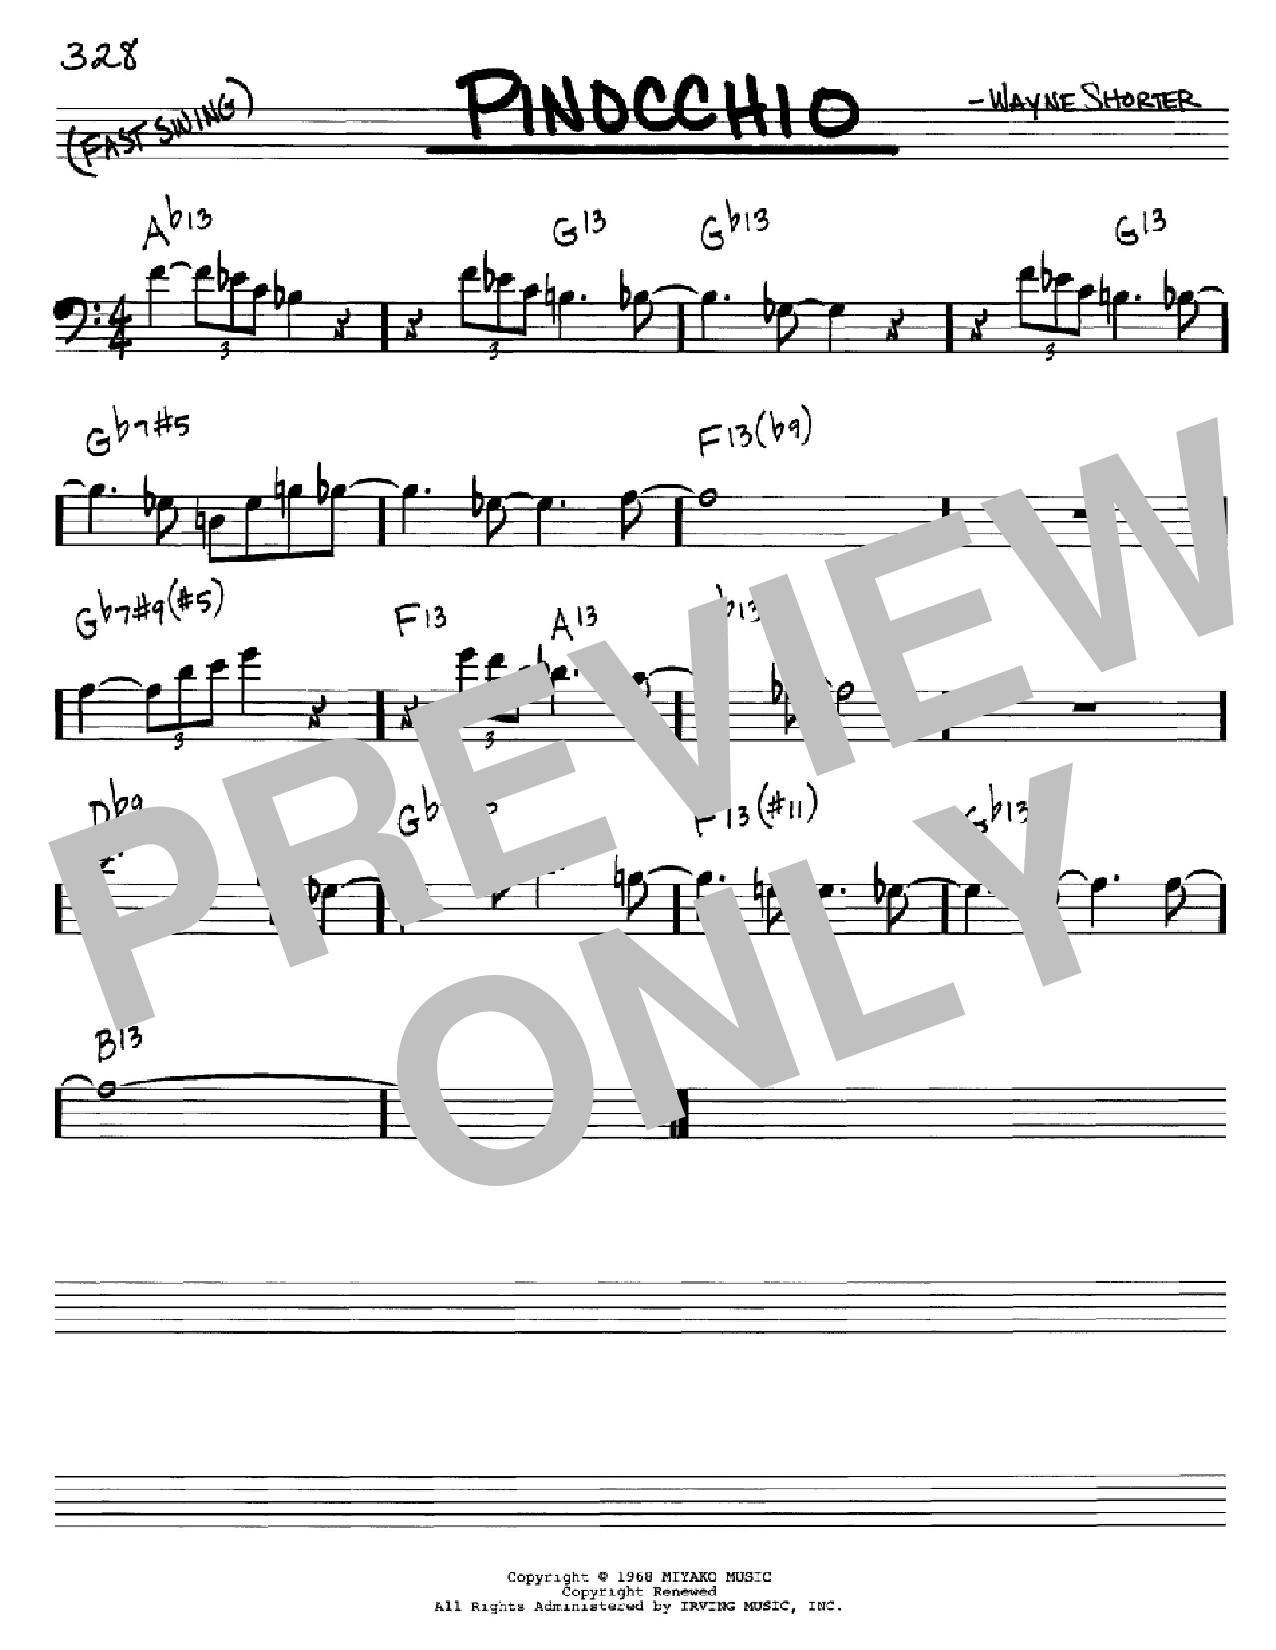 Partition autre Pinocchio de Wayne Shorter - Real Book, Melodie et Accords, Inst. En cle de Fa